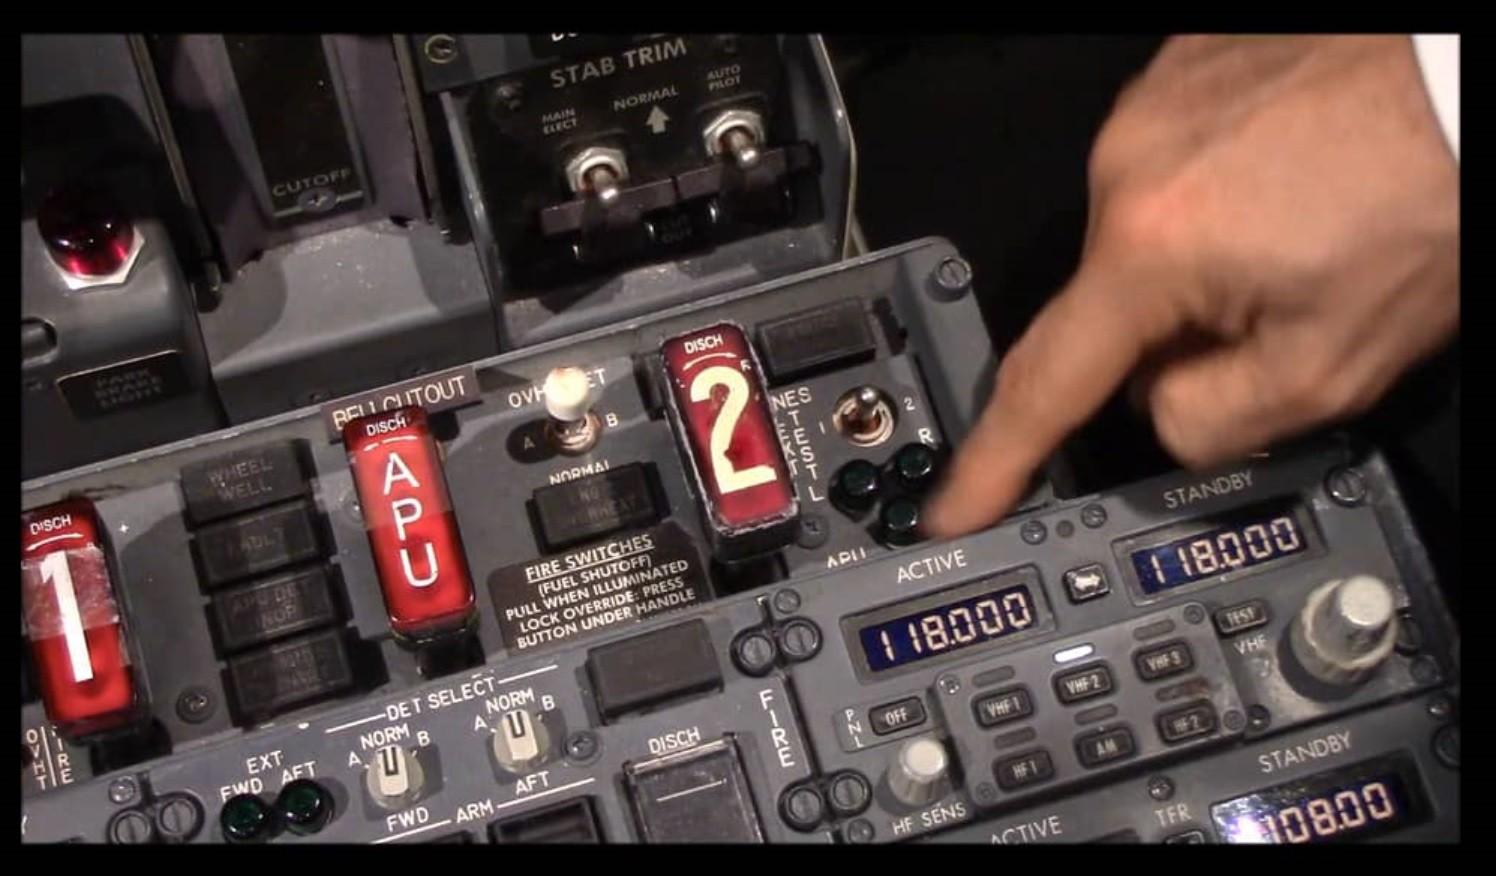 B737NG FLOWS